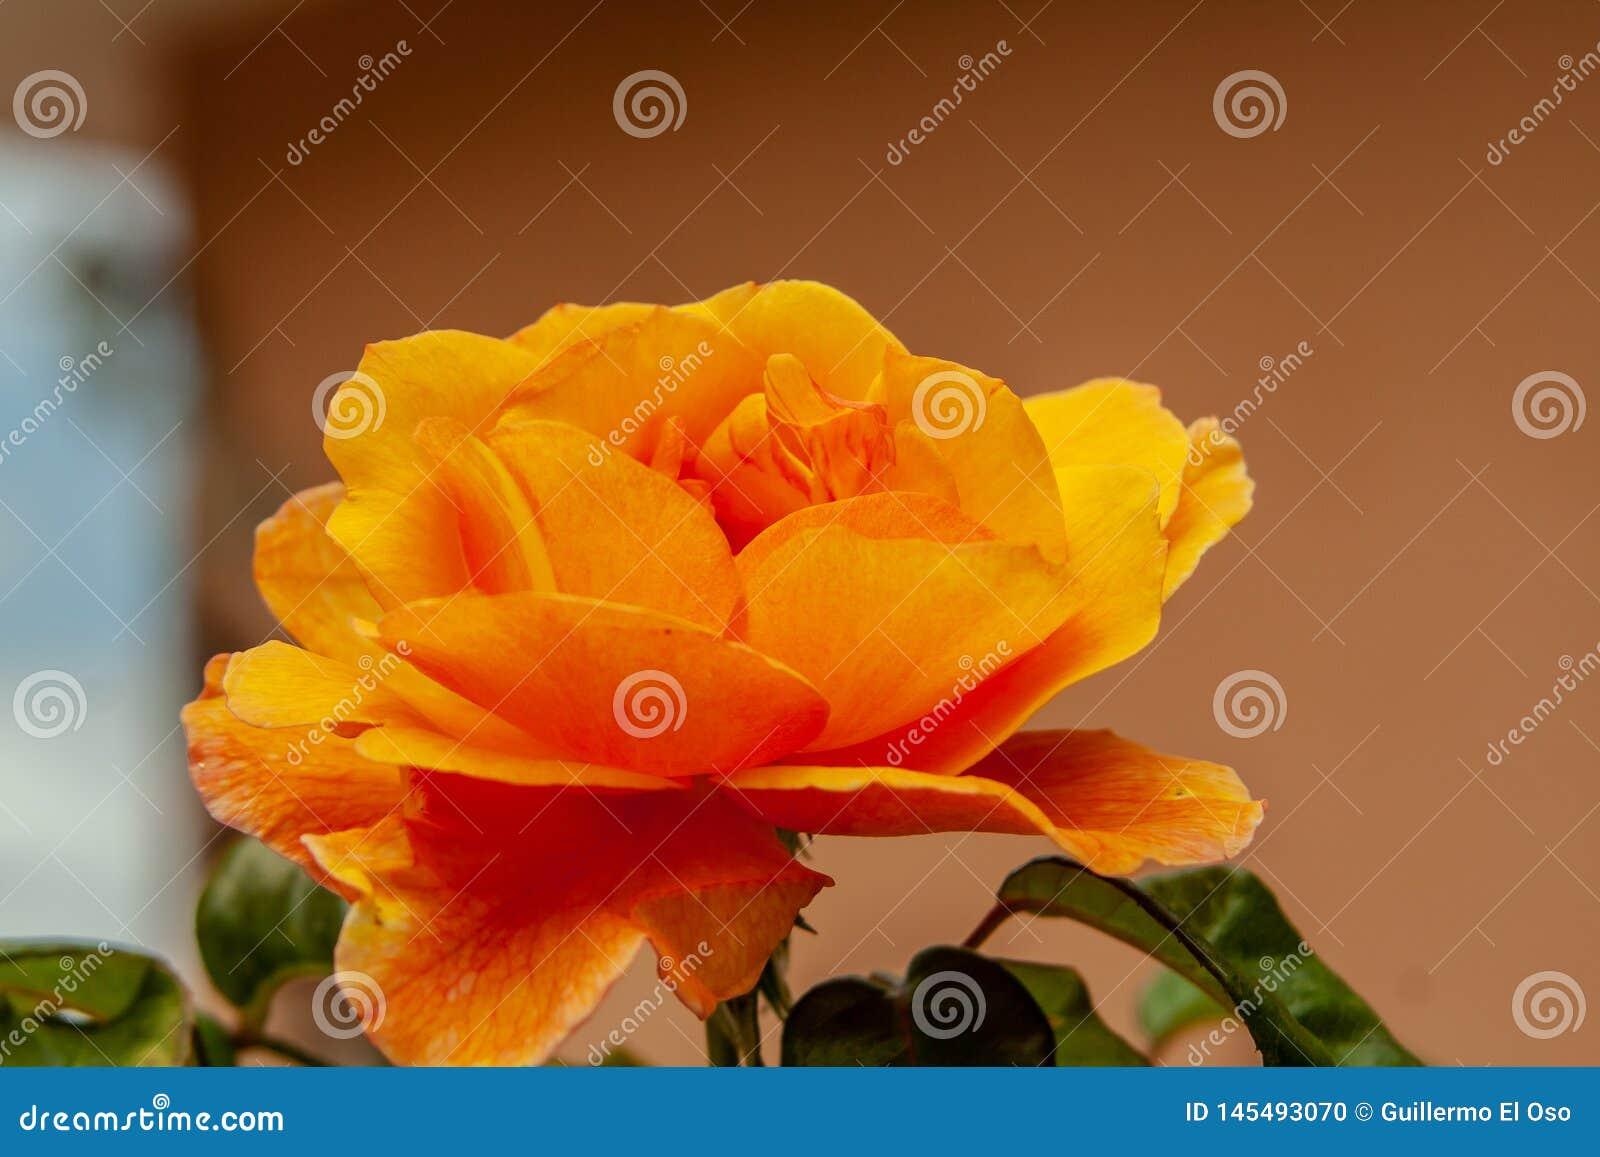 Zamyka w górę fantastycznego pomarańczowego okwitnięcia od